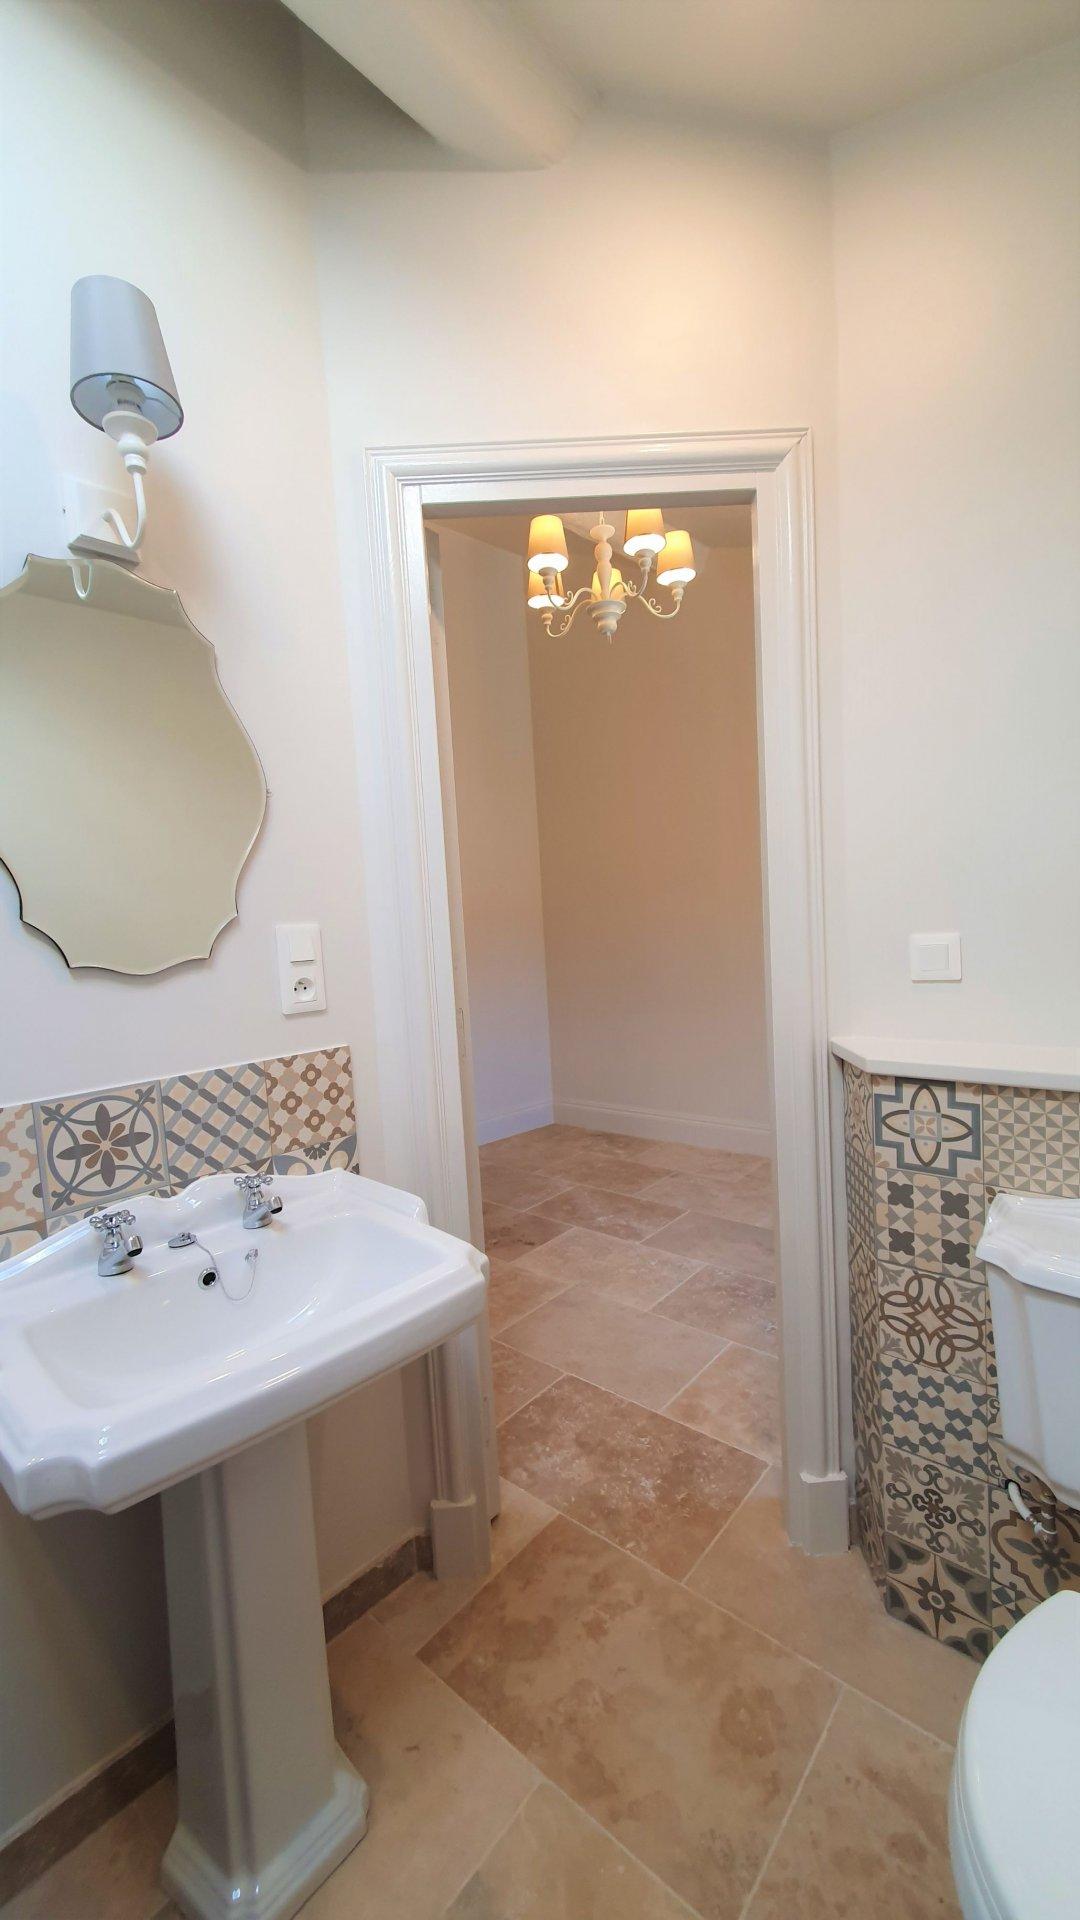 Superb renovation - village house - 2 bed, 2 bath